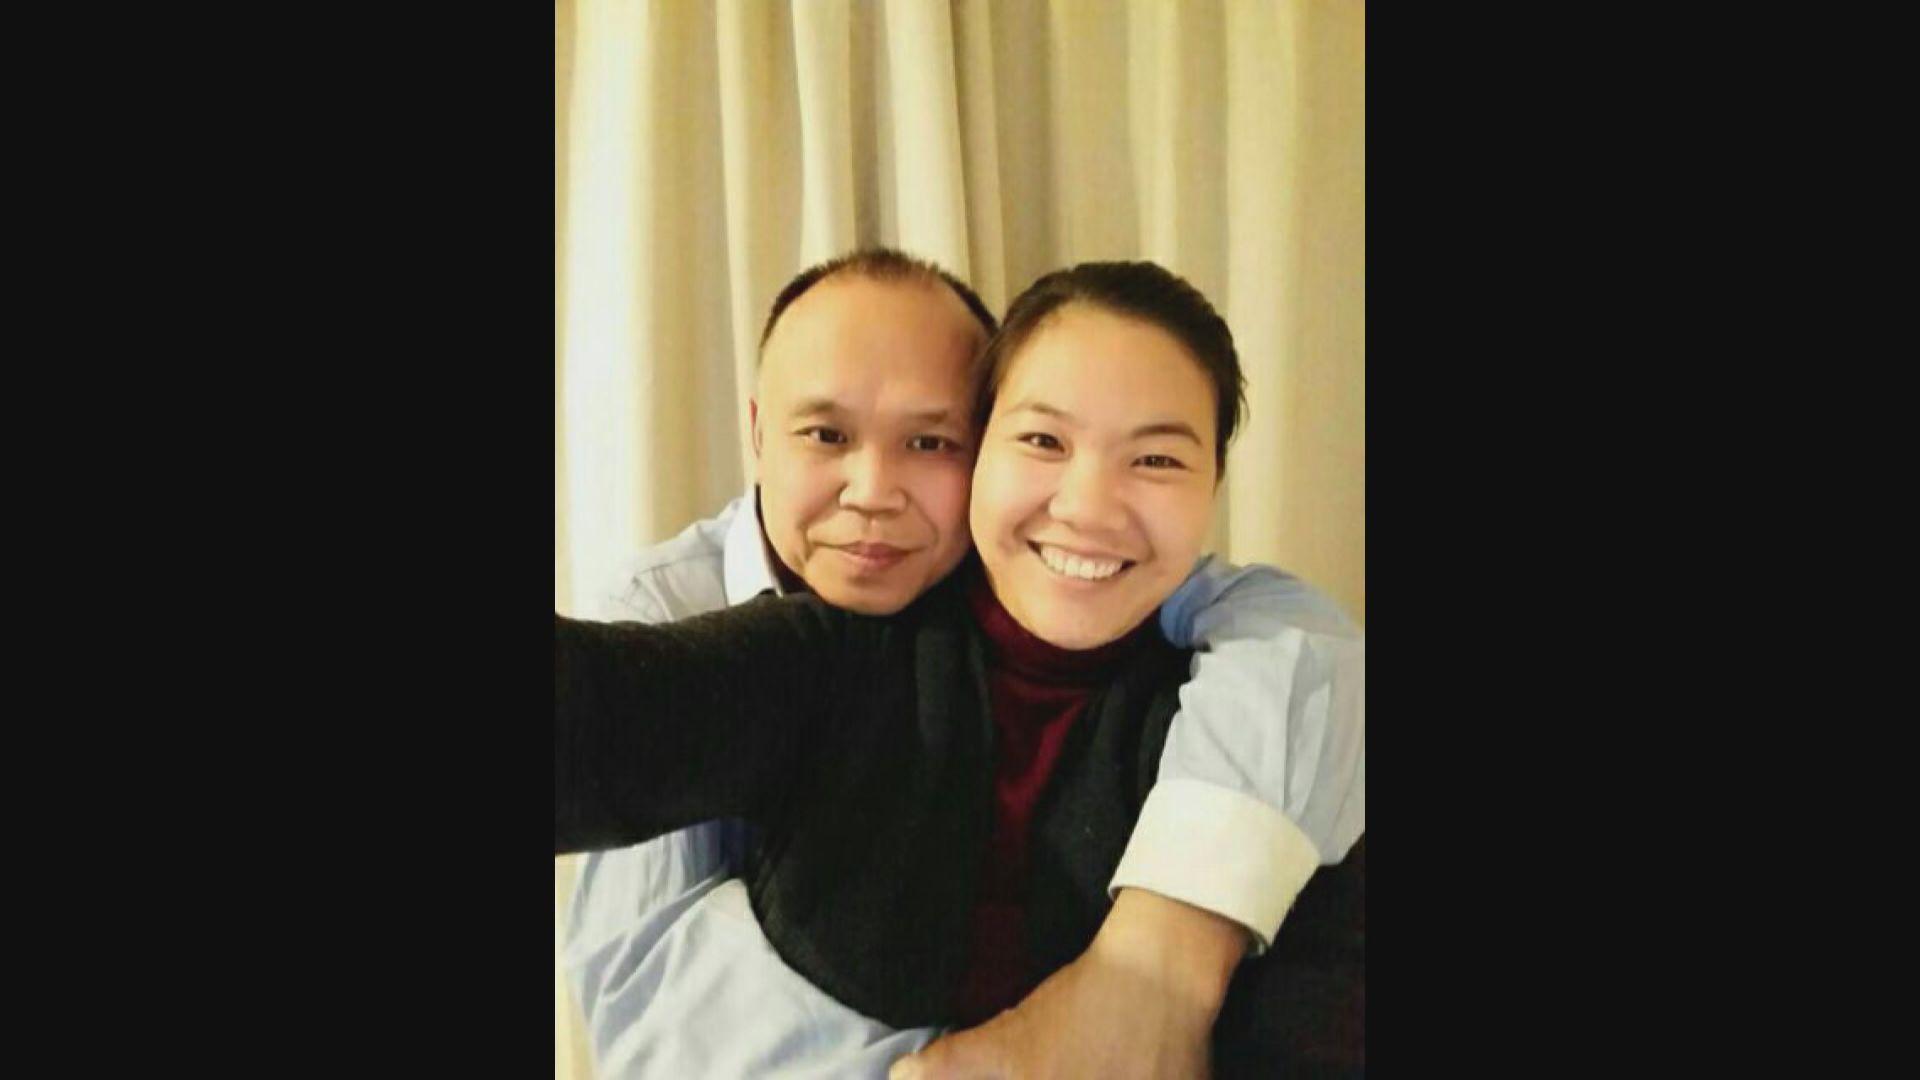 維權律師余文生妻子:徐州市看守所同意與丈夫視像會面